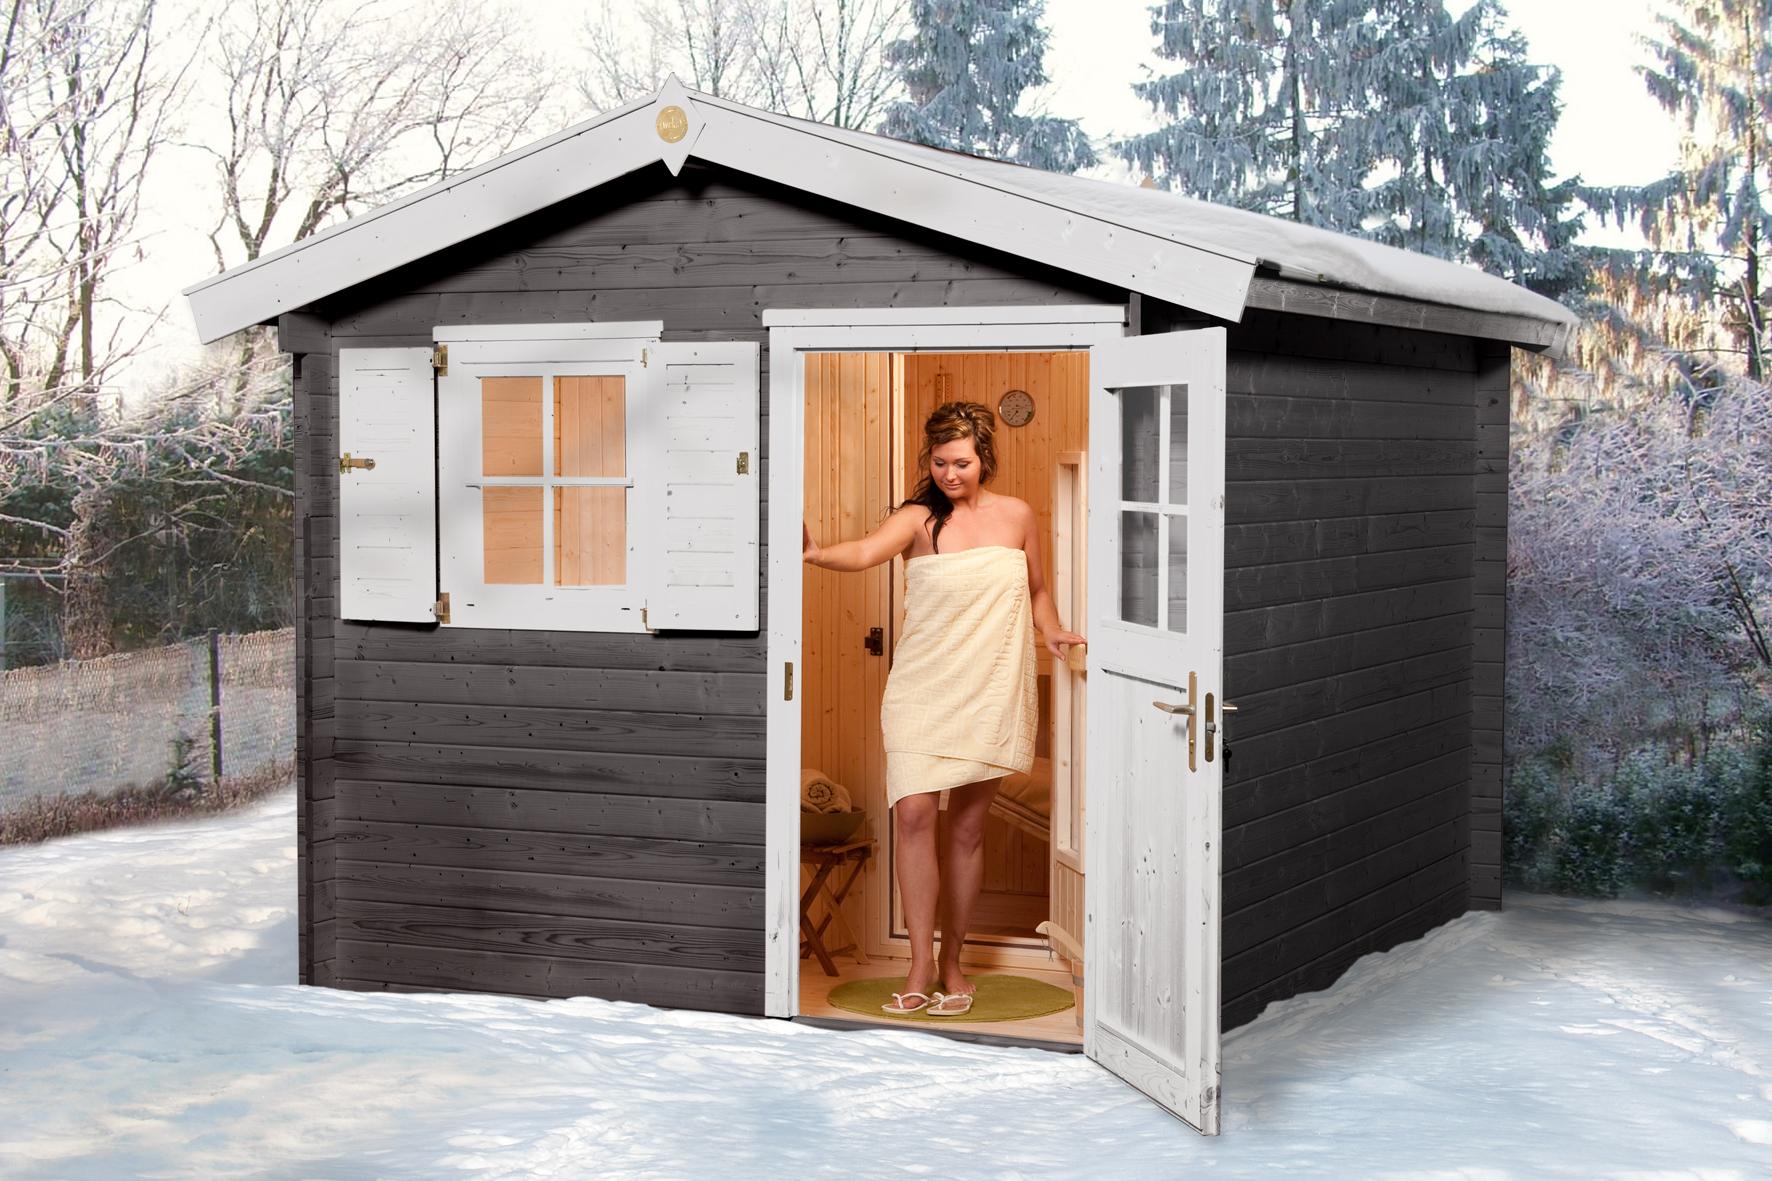 Weka csauna vapeur extrieur mikkeli 1 for Sauna infrarouge exterieur